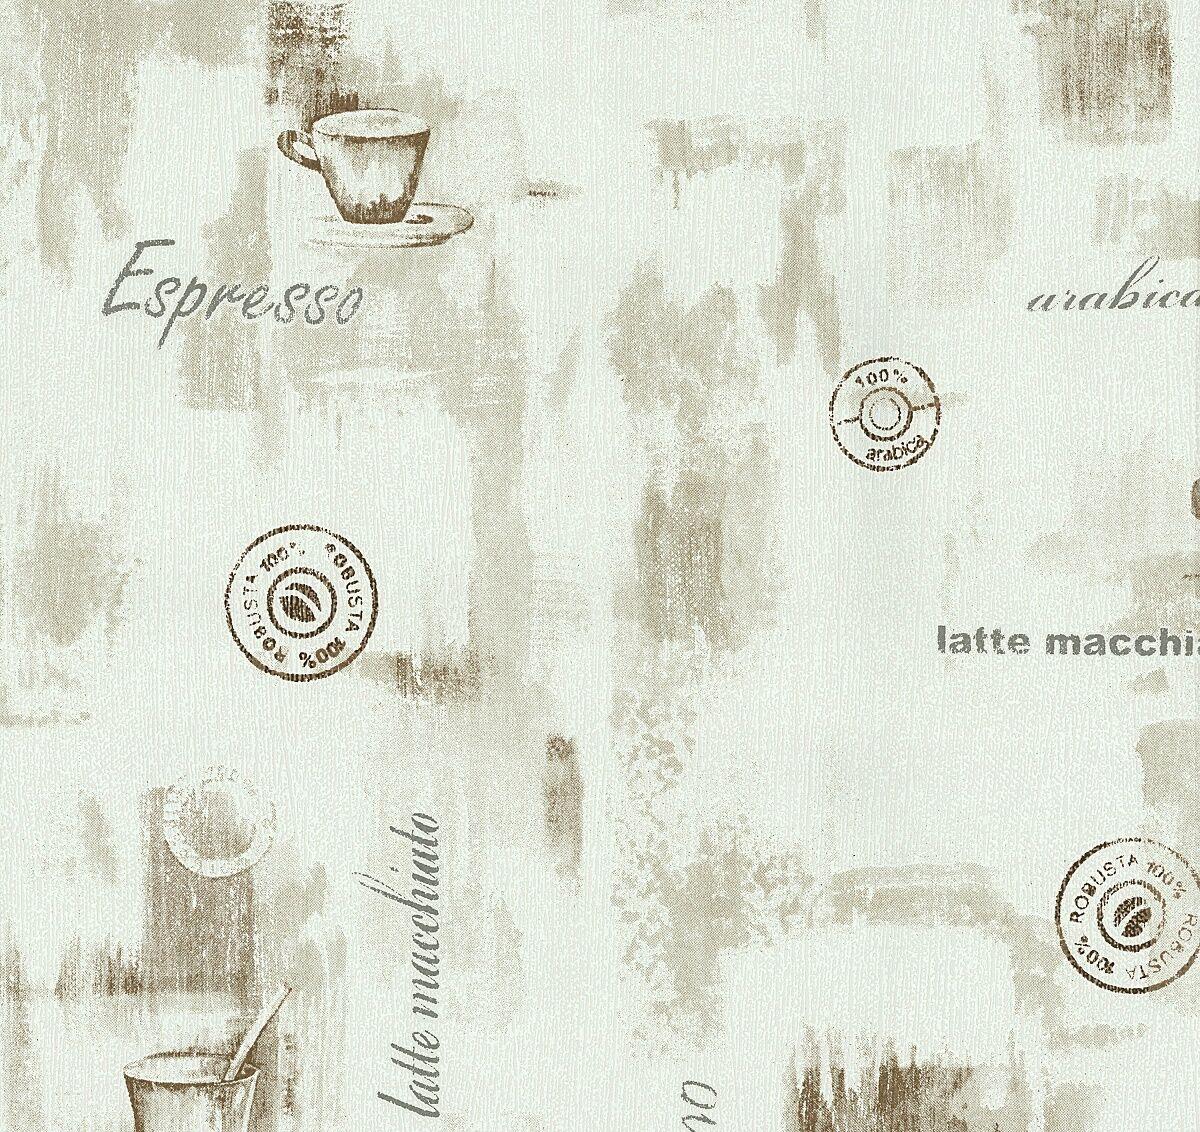 Full Size of Tapete Küche Kaffee Kchentapeten Mehr Als 200 Angebote Anrichte Waschbecken Lampen Laminat Gardinen Ohne Hängeschränke Günstig Kaufen Industriedesign Wohnzimmer Tapete Küche Kaffee